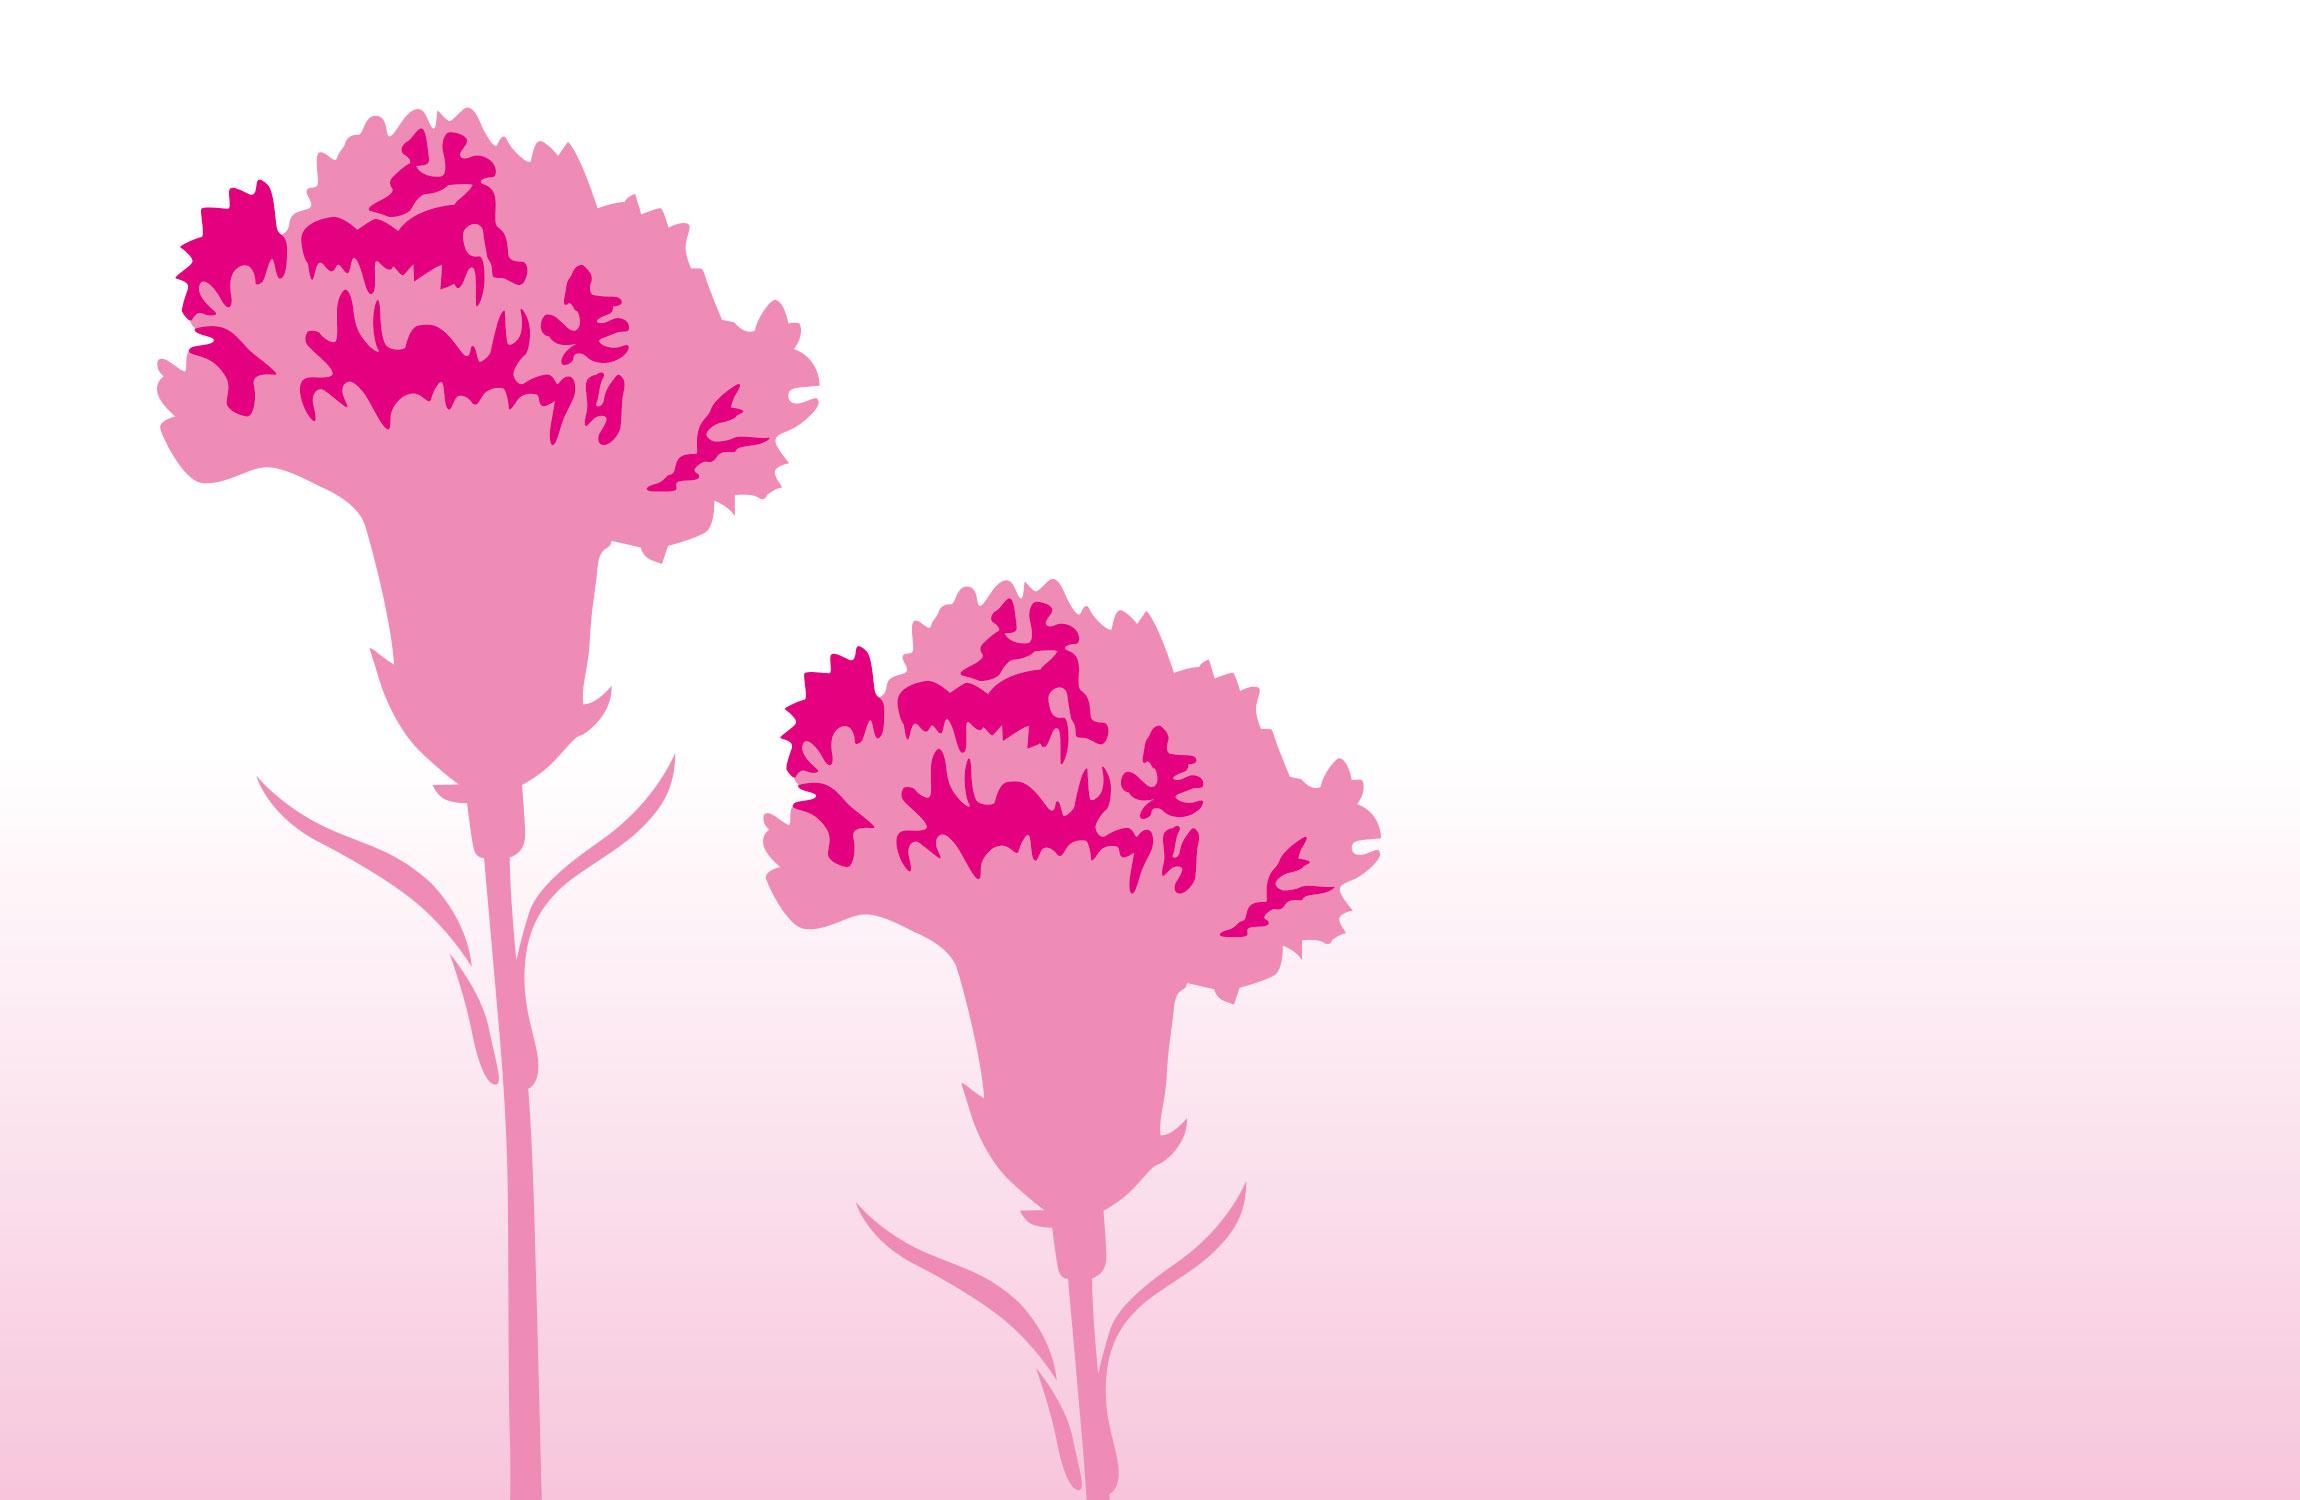 春のイラストno 040 壁紙 背景用 無料のフリー素材集 花鳥風月